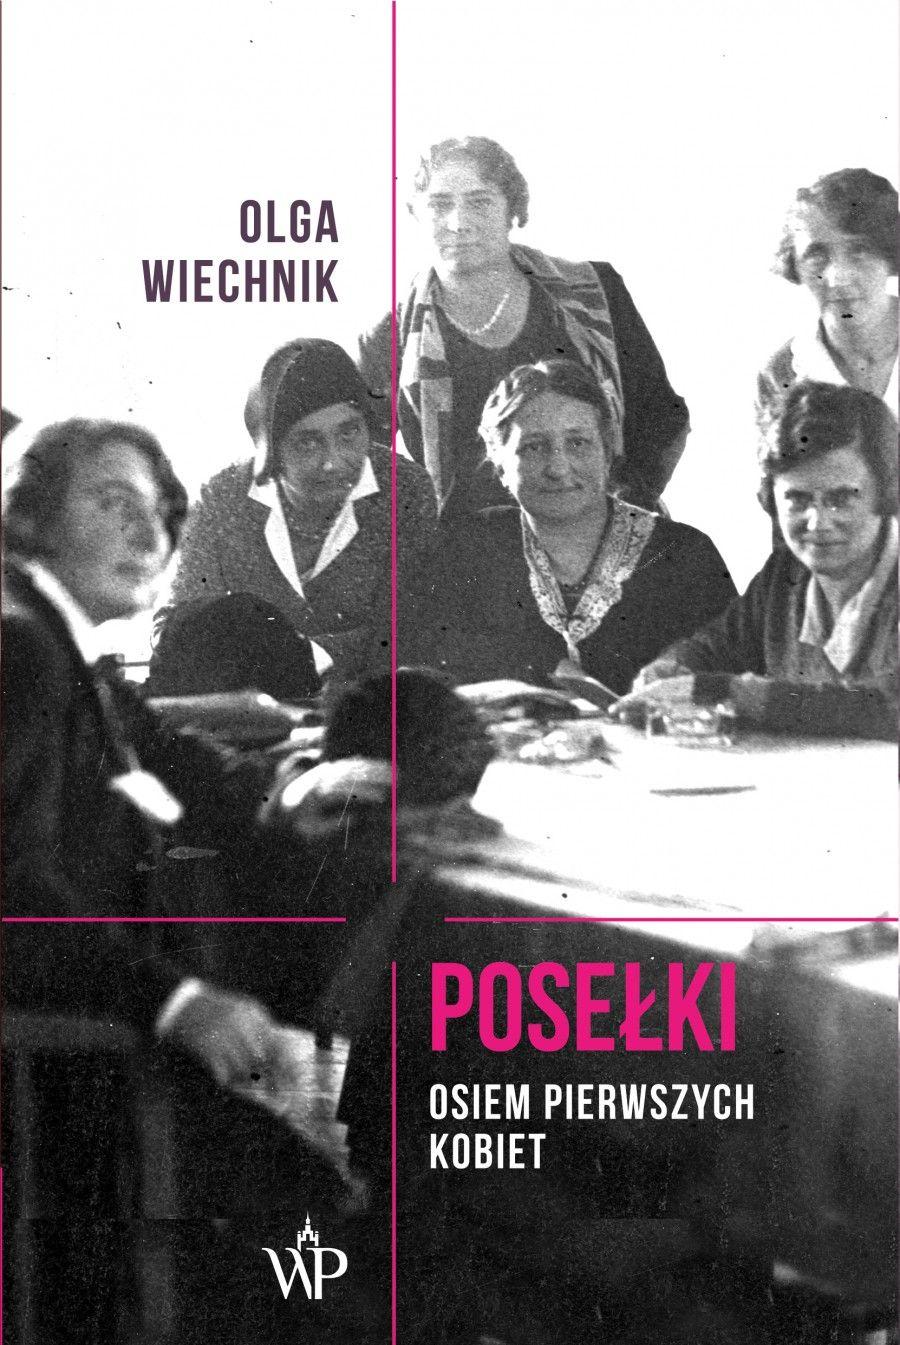 """Artykuł powstał m.in. w oparciu o książkę Olgi Wiechnik """"Posełki. Osiem pierwszych kobiet"""", która ukazała się nakładem Wydawnictwa Poznańskiego."""